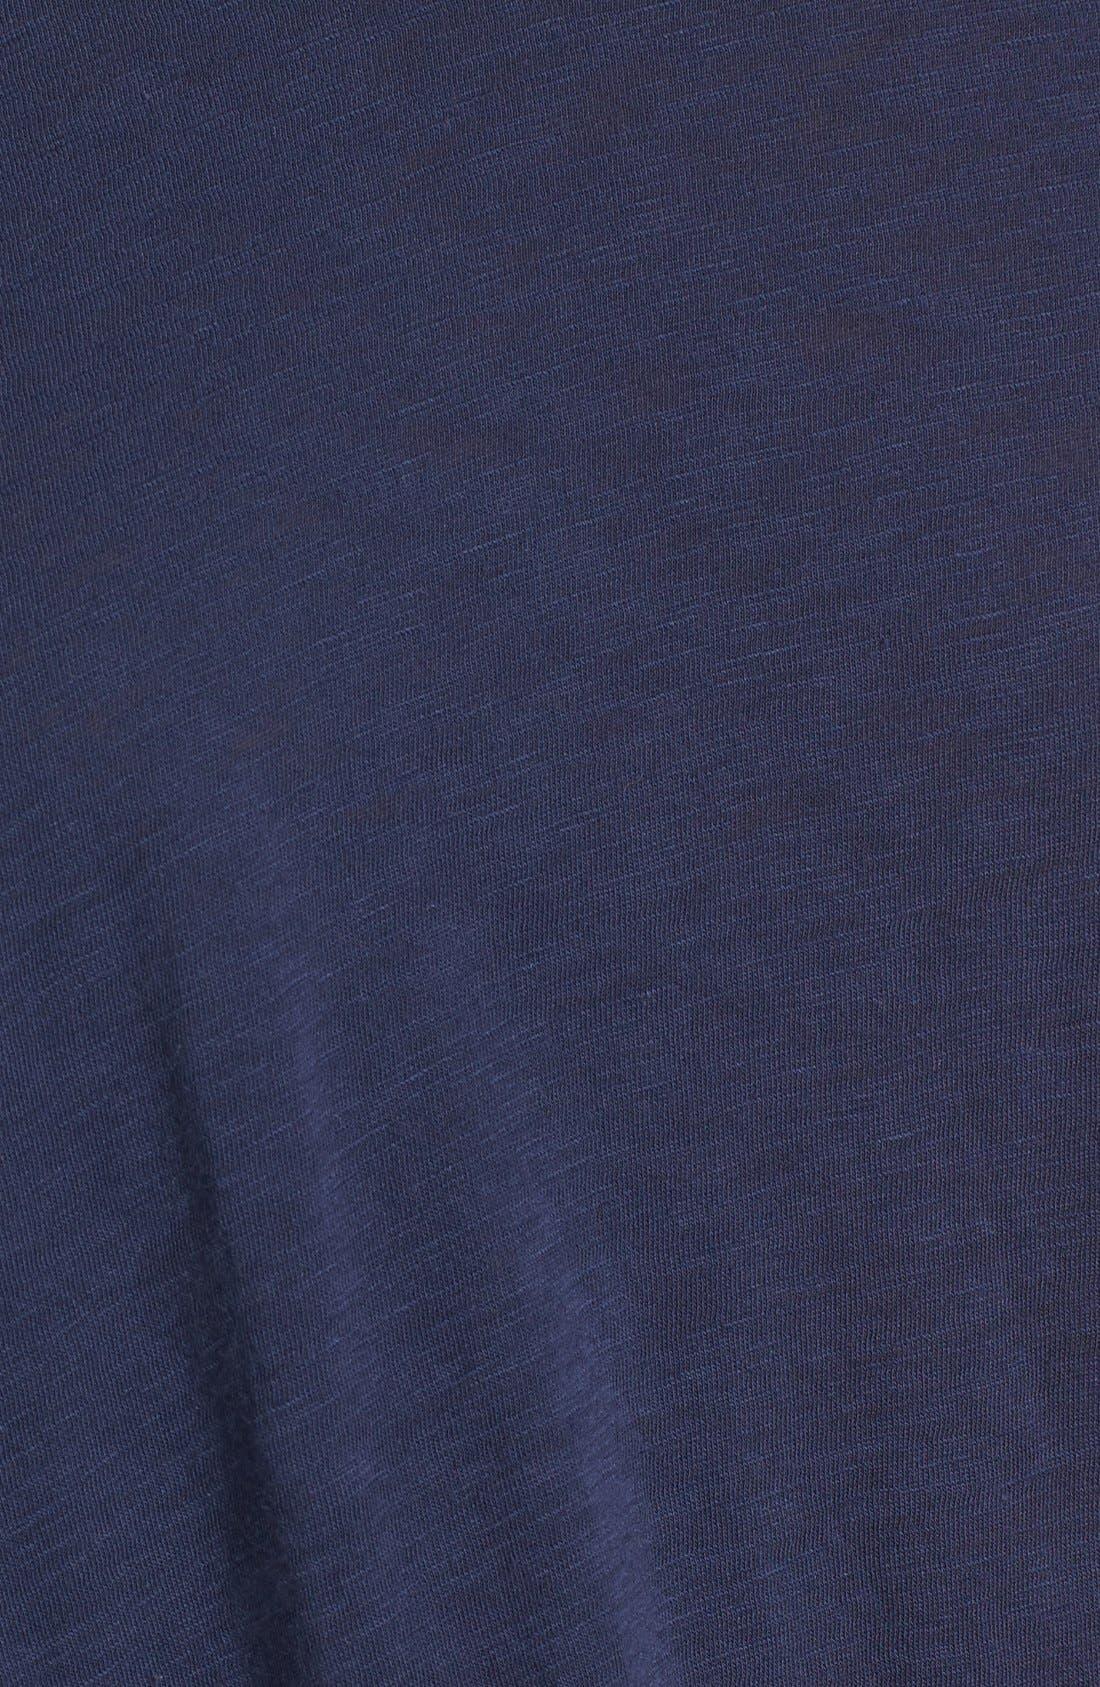 Knot Detail Slub Knit Tee,                             Alternate thumbnail 56, color,